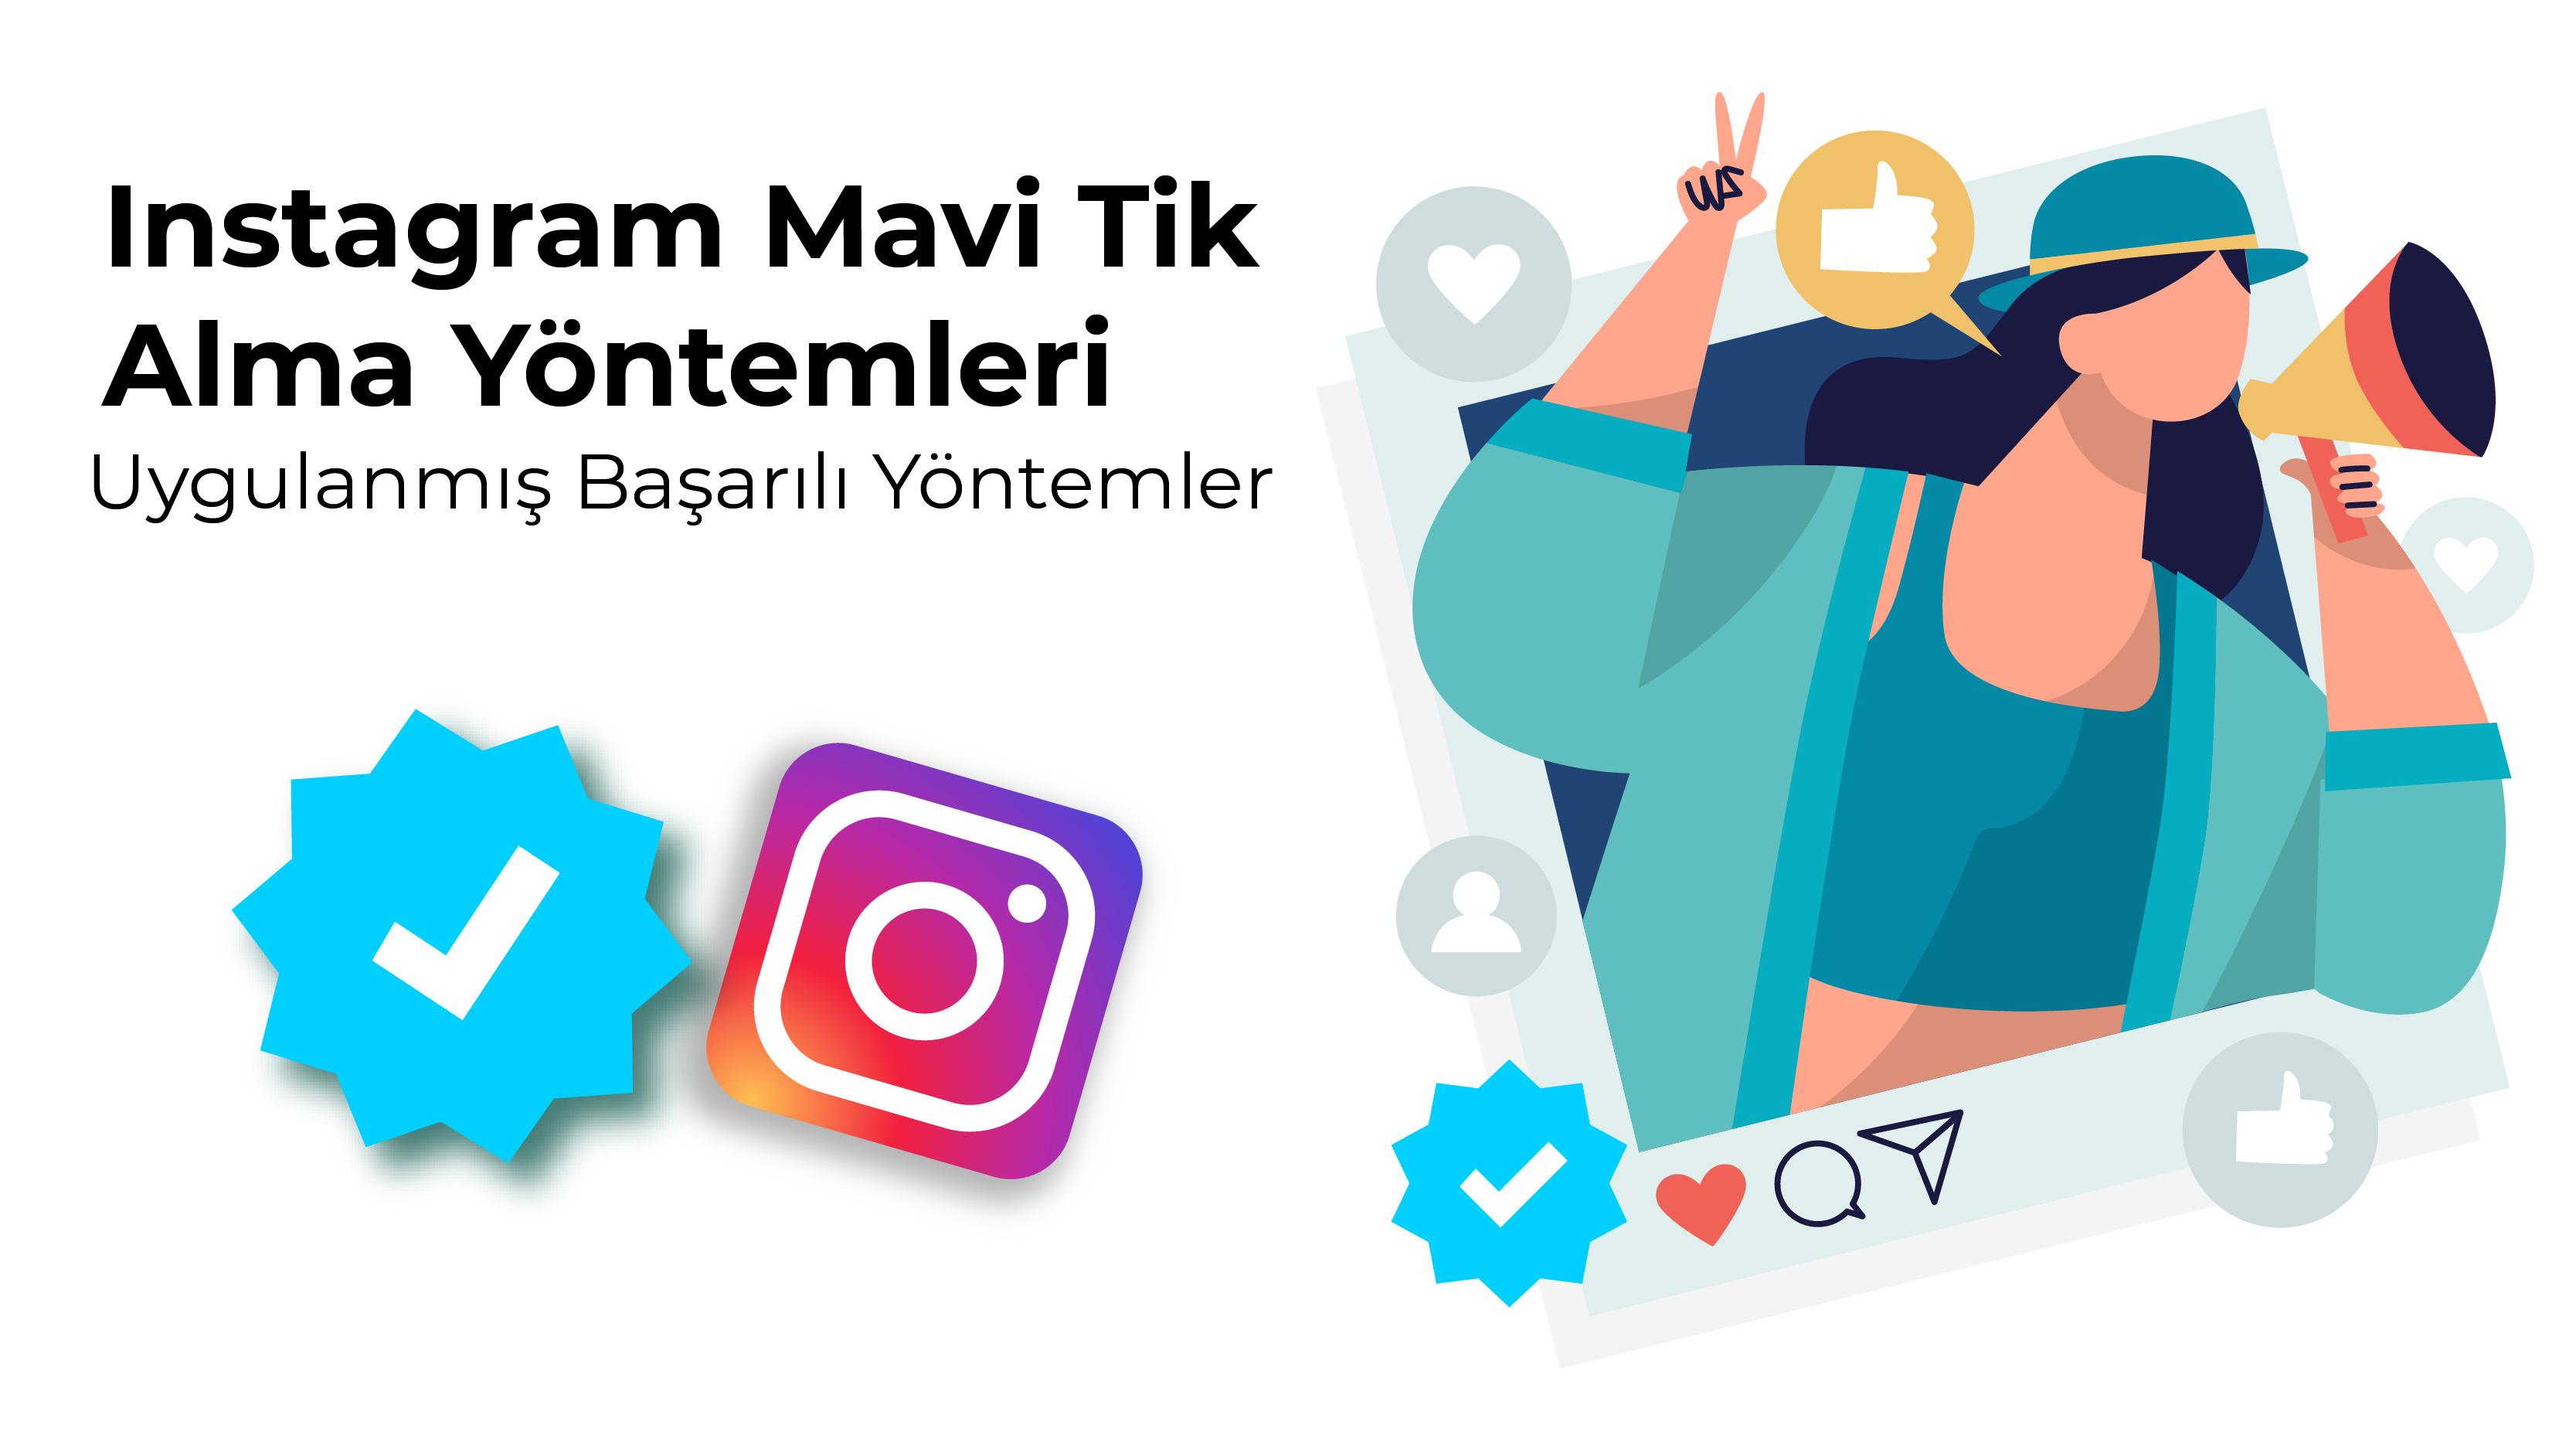 Instagram'da Mavi Tik Alma Yöntemleri Ve Uygulanmış Başarılı Yöntemler